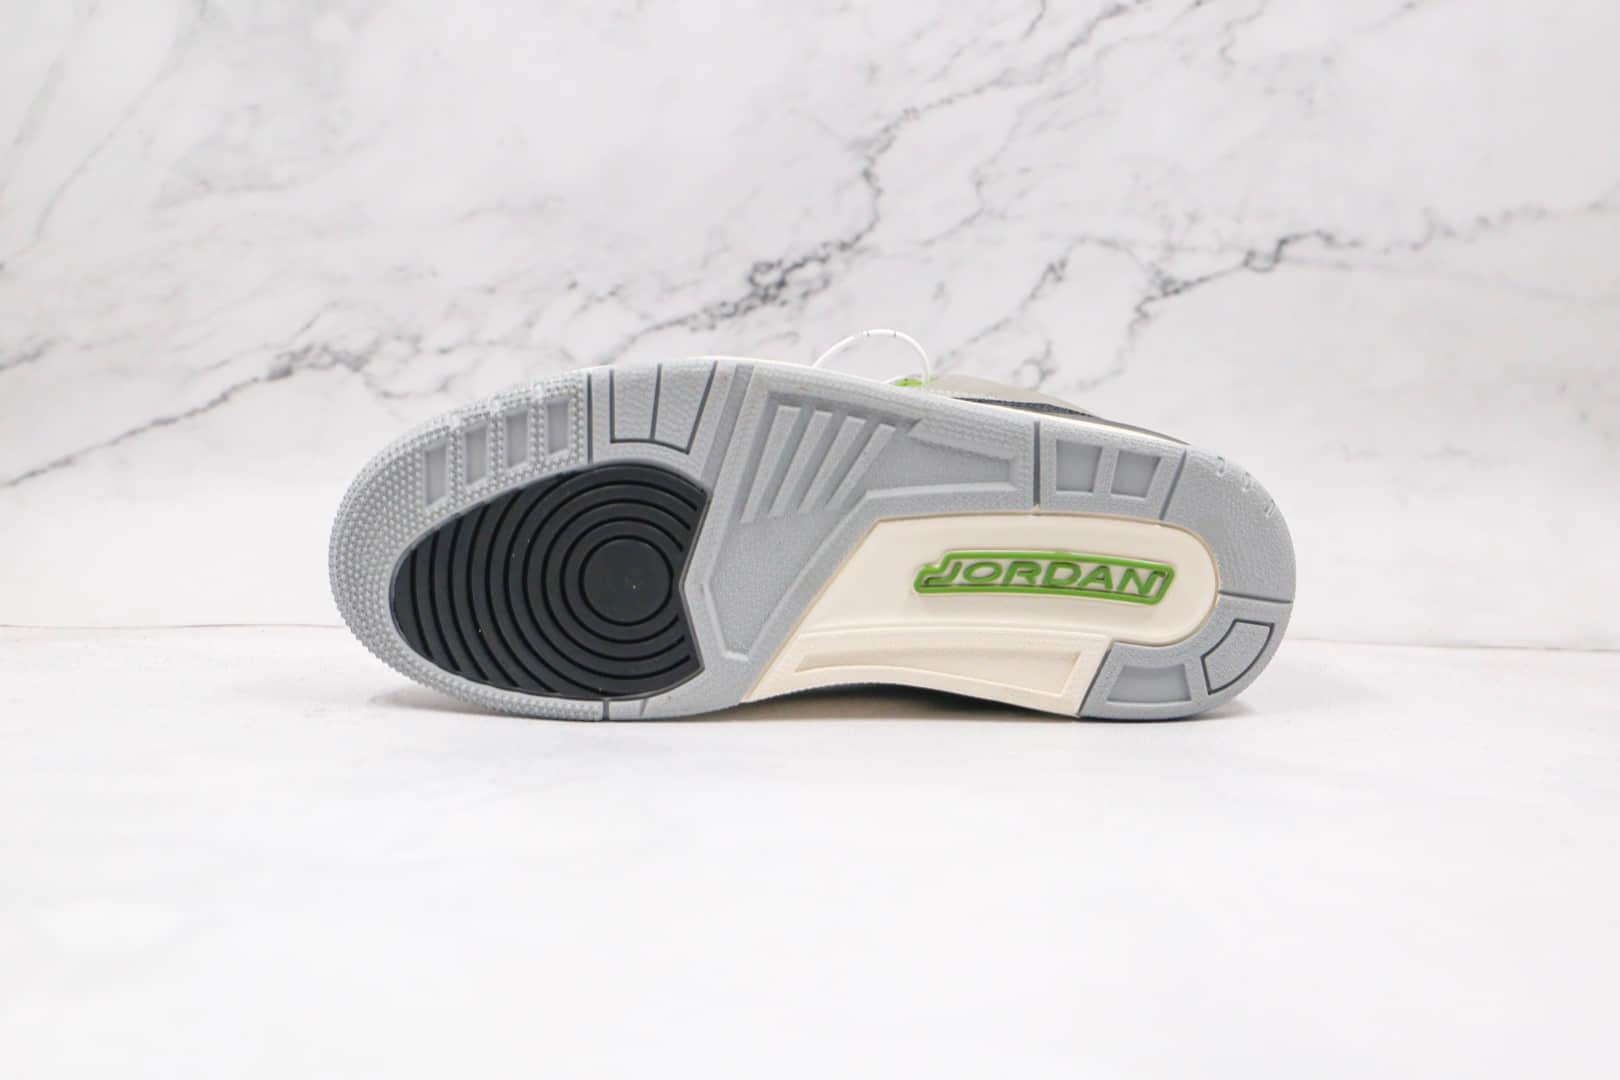 乔丹Air Jordan 3 Retro Chlorophyll纯原版本叶绿素AJ3篮球鞋原楦头纸板打造 货号:136064-006